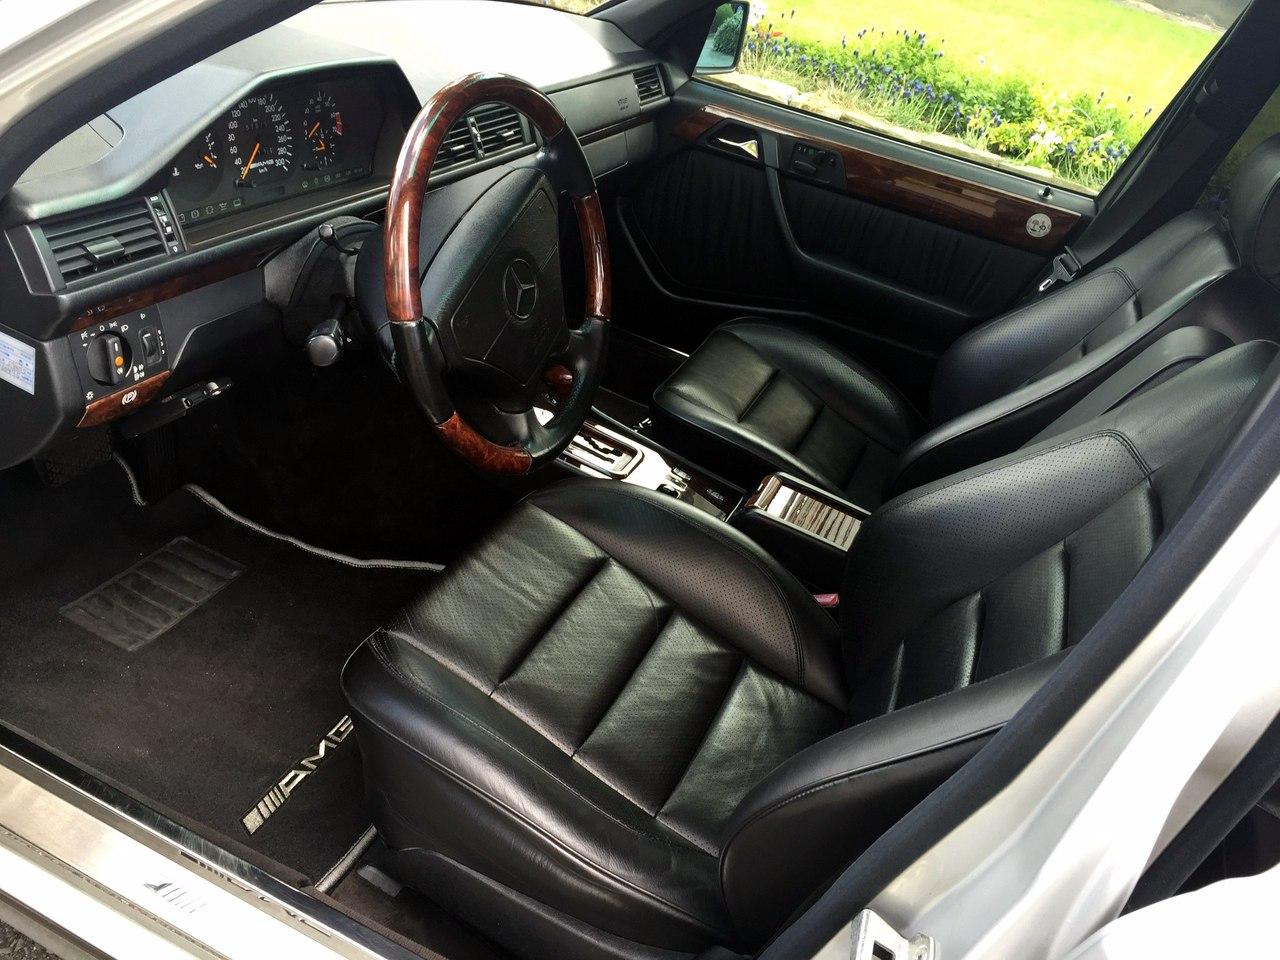 1993 Mercedes-Benz W124 E60 AMG | BENZTUNING